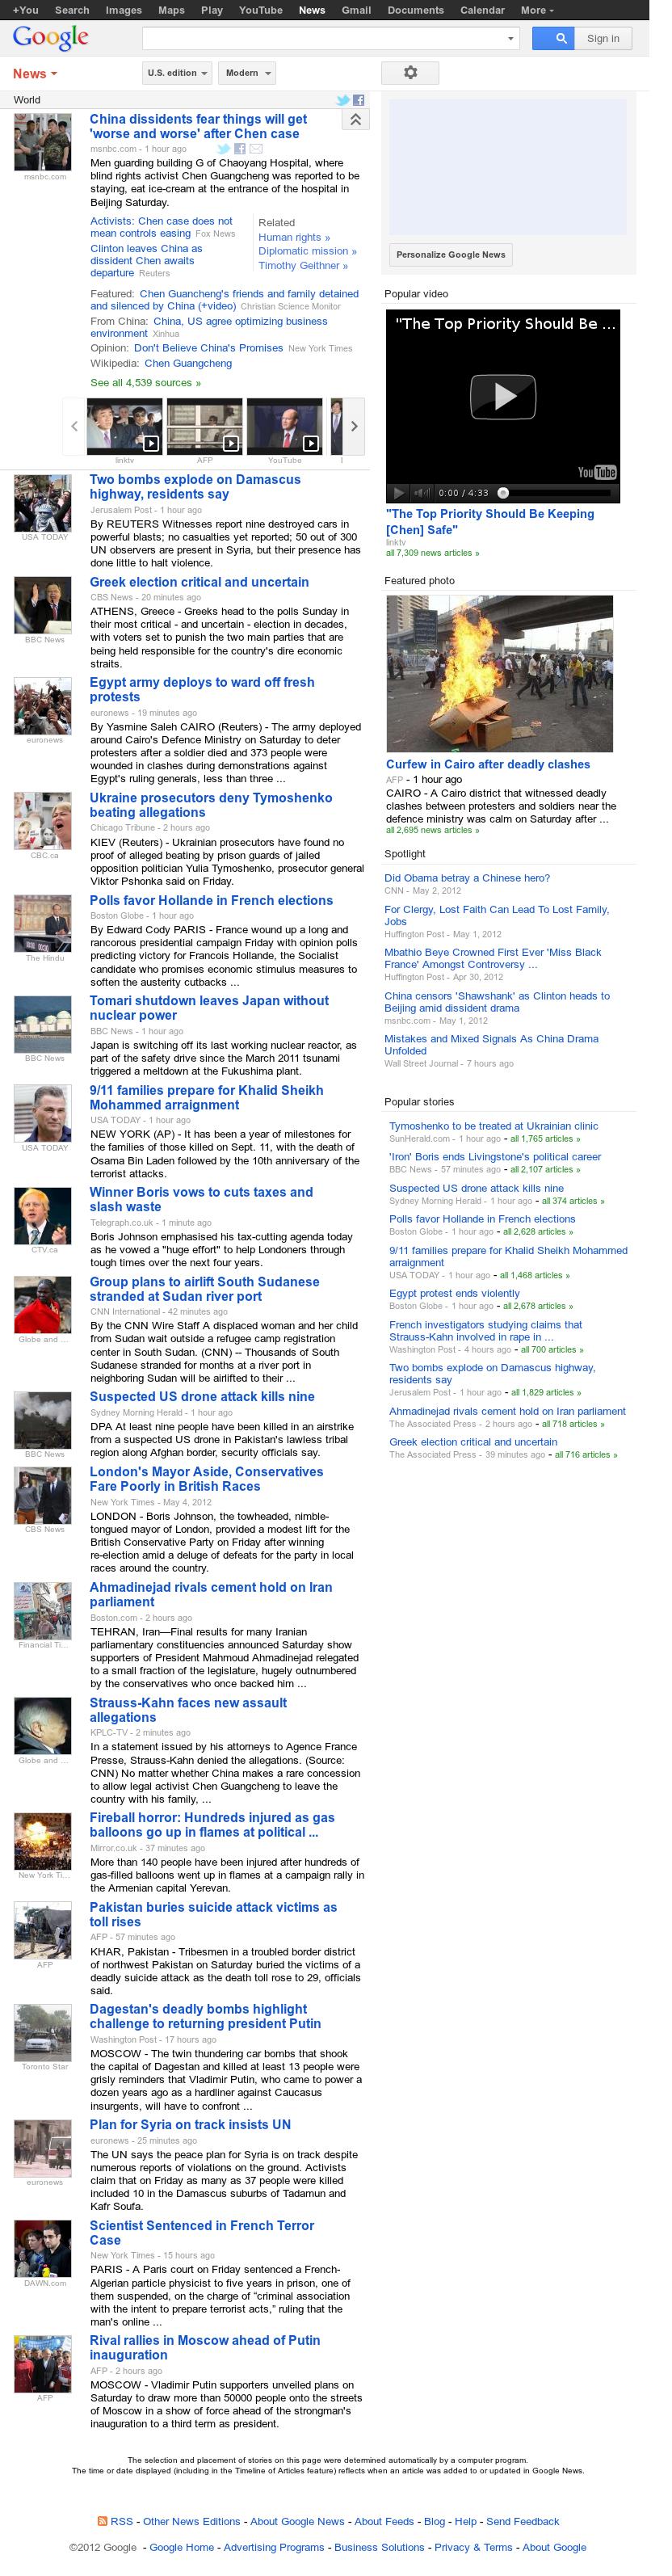 Google News: World at Saturday May 5, 2012, 10:07 a.m. UTC